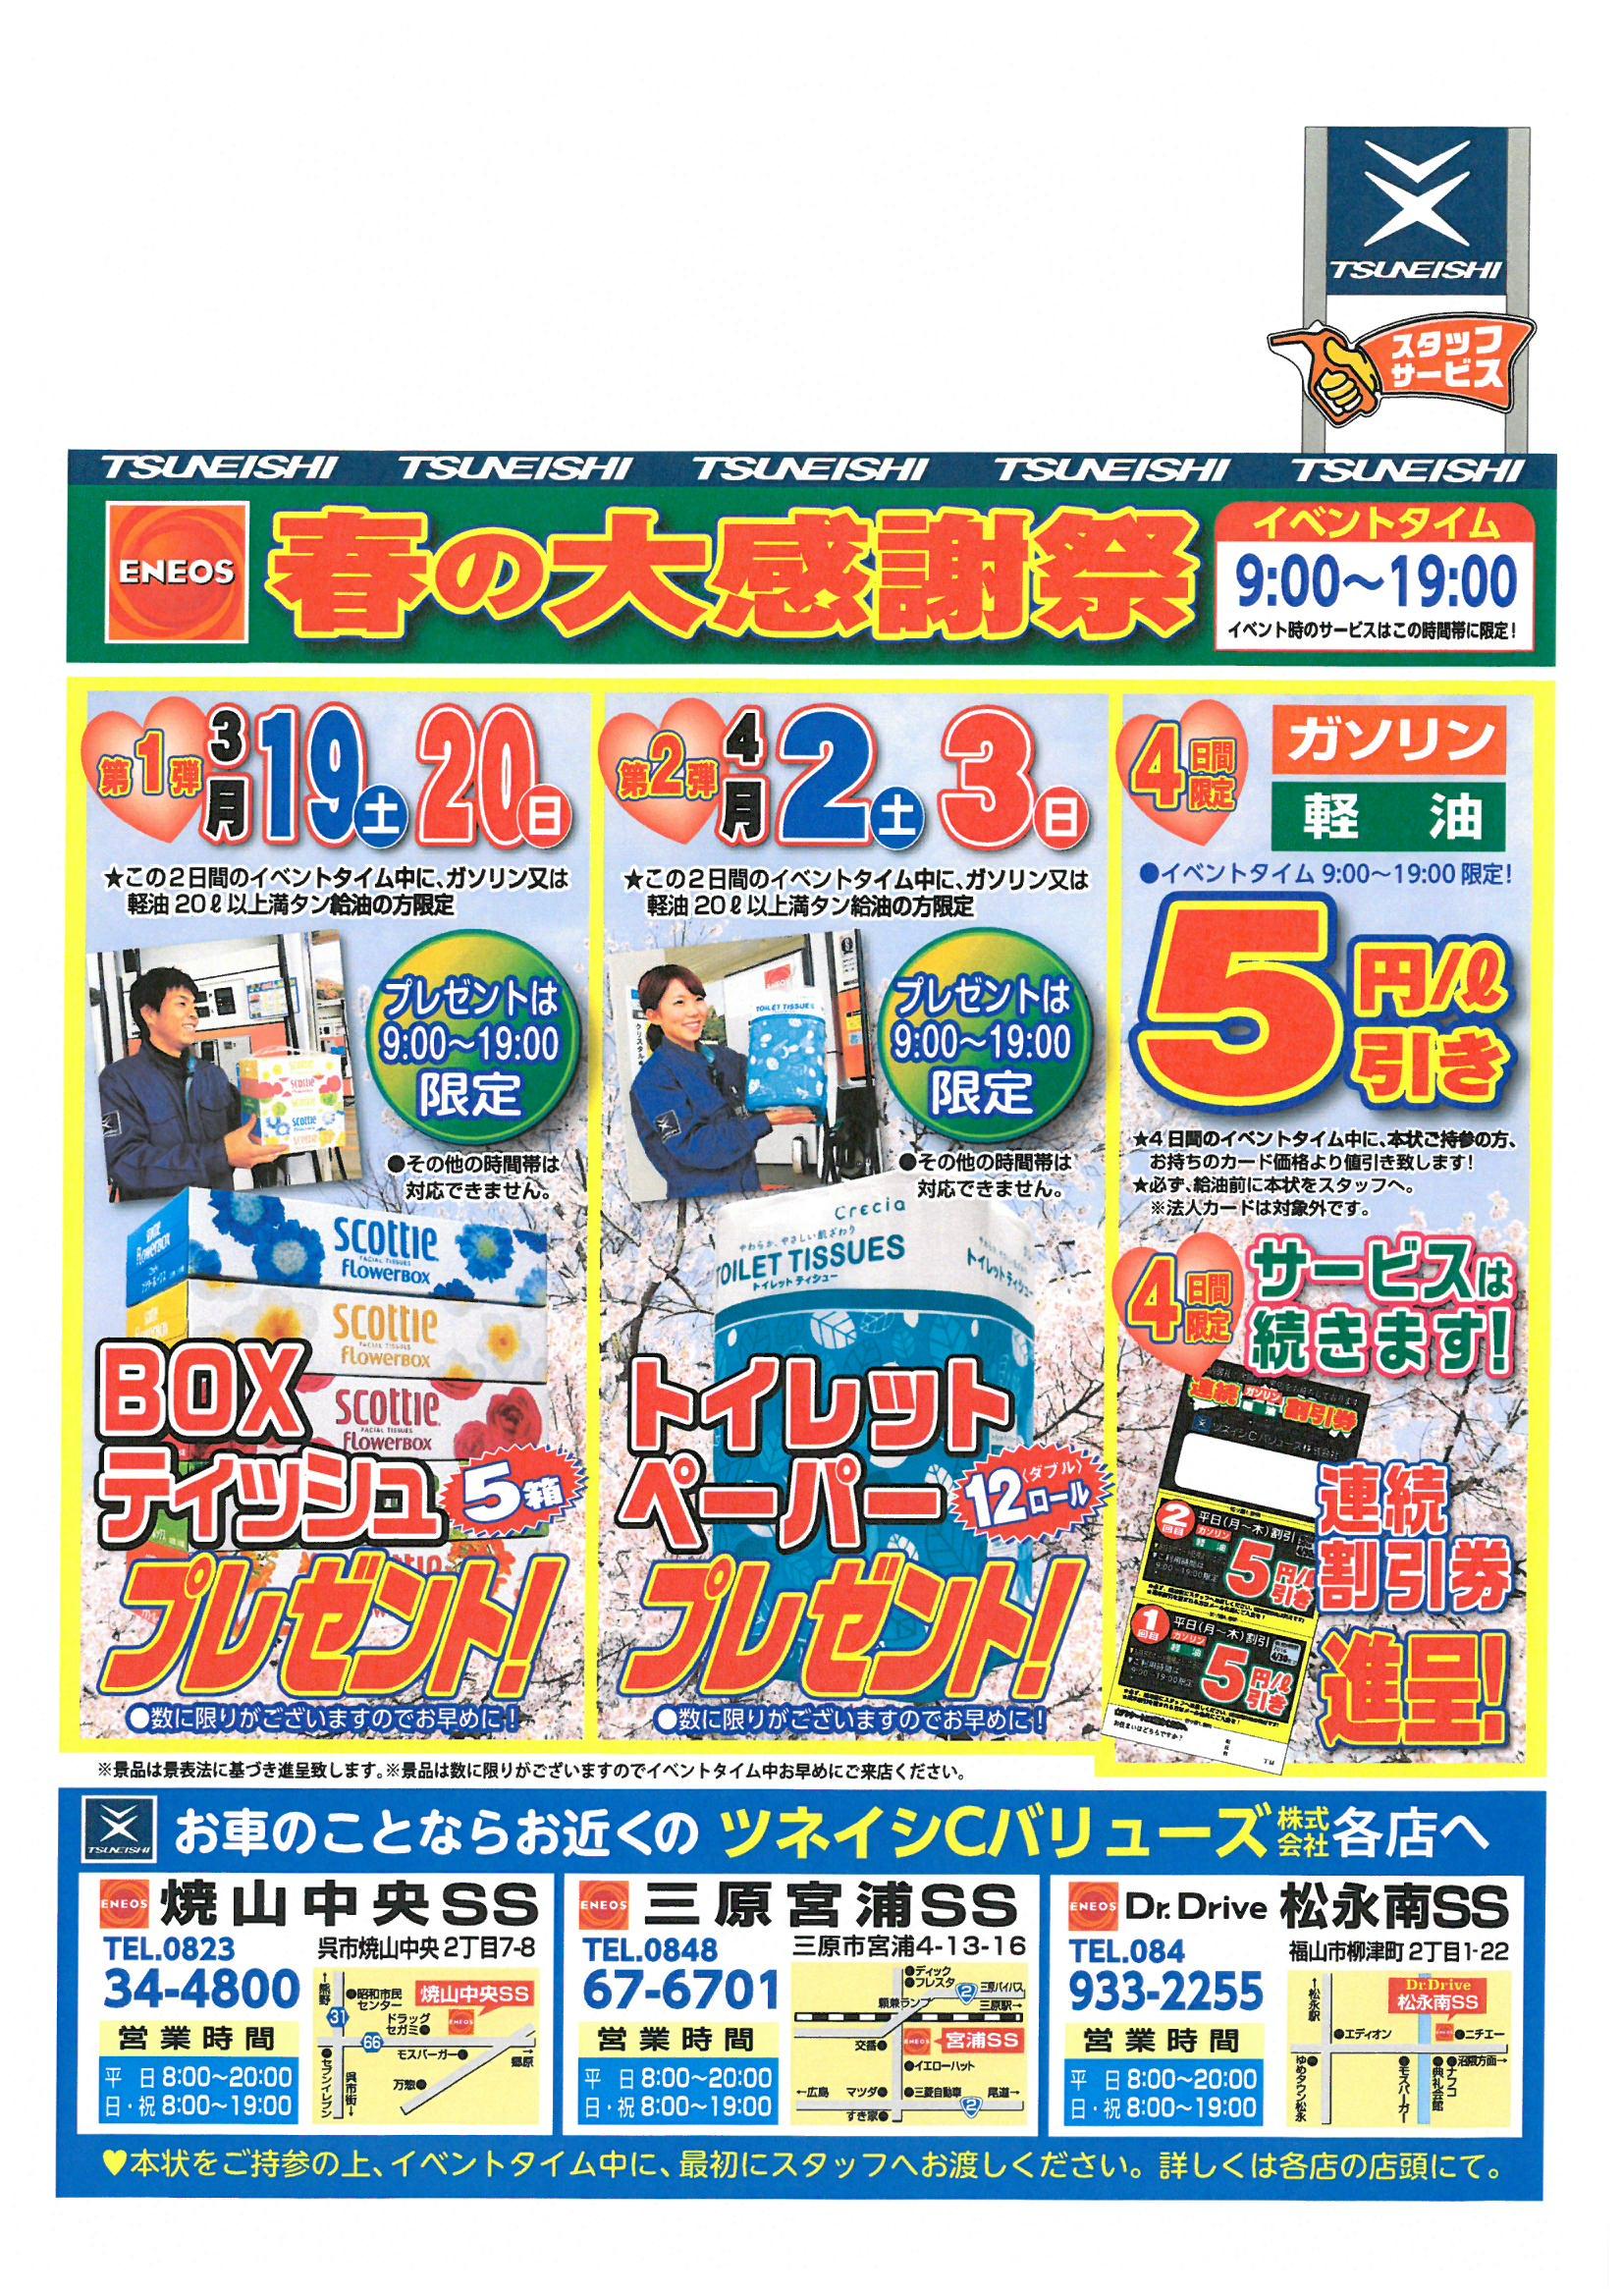 ツネイシCバリューズ「春の大感謝祭」3店舗限定追加開催!!